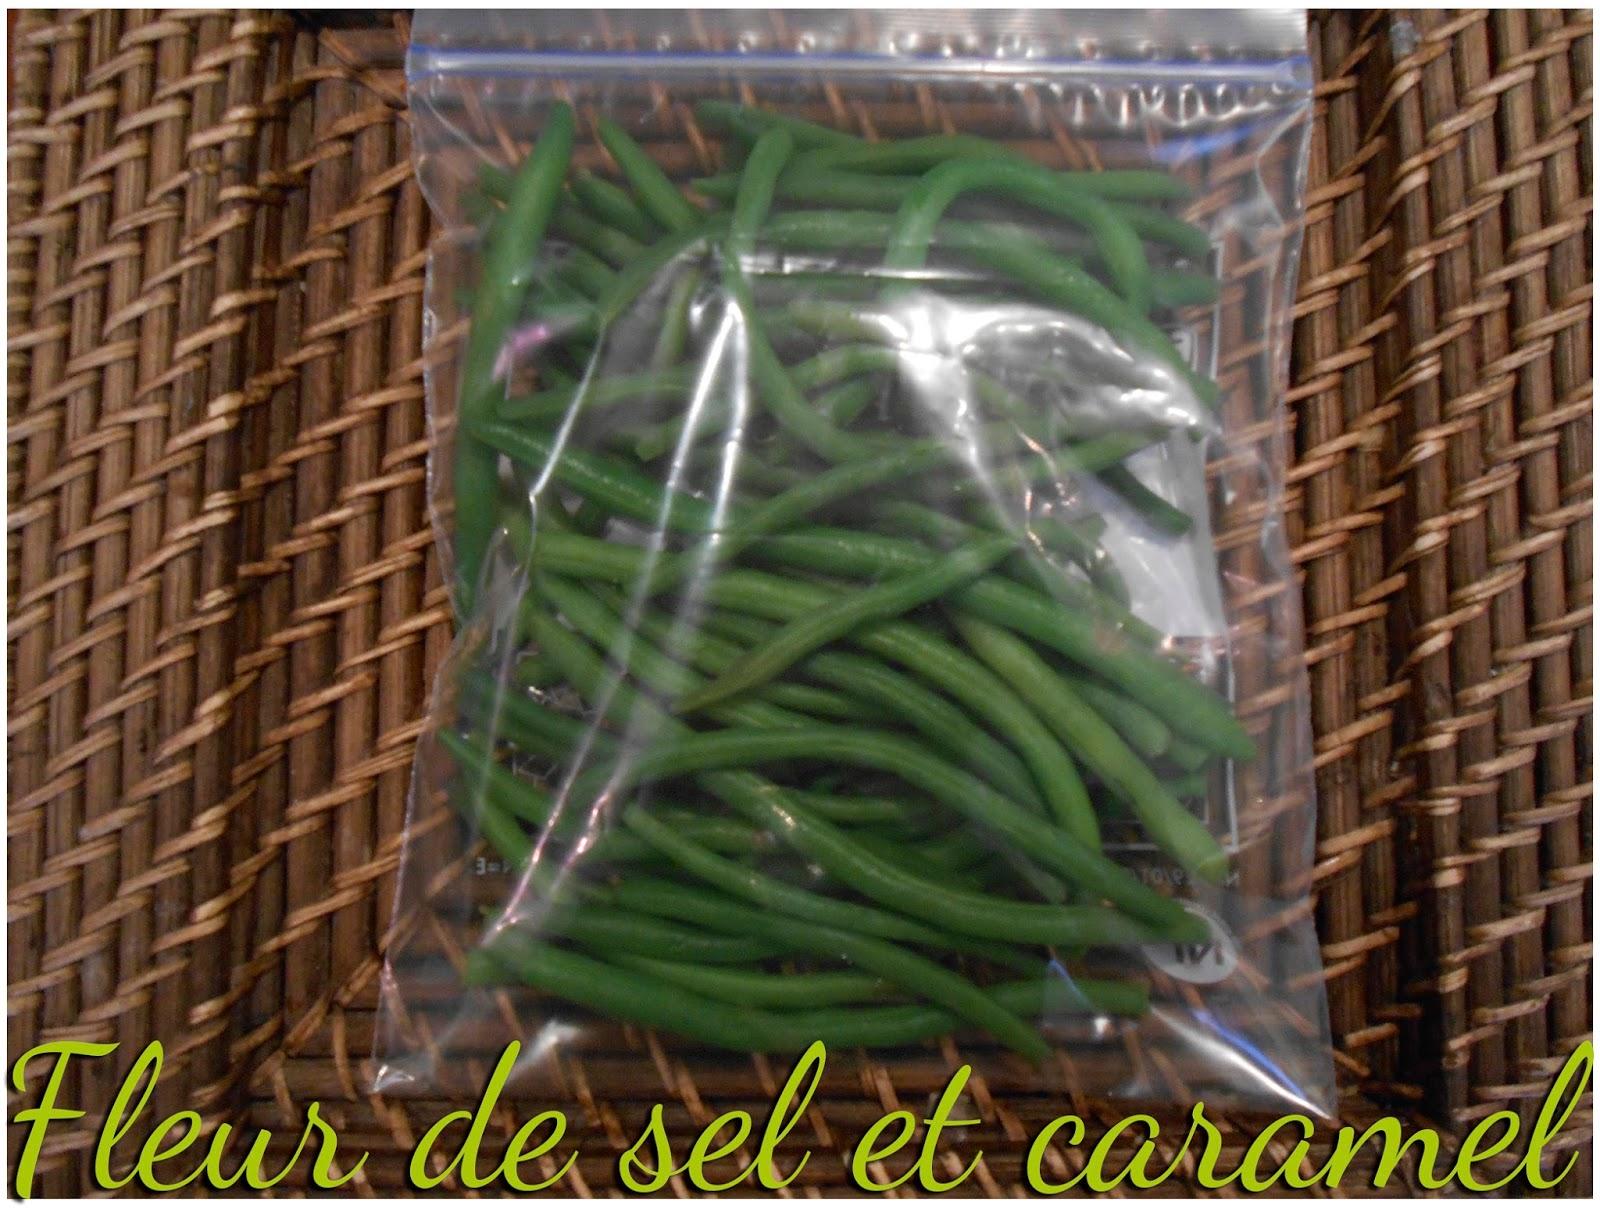 Fleur de sel et caramel cong lation de haricots verts - Congeler les haricots verts du jardin ...